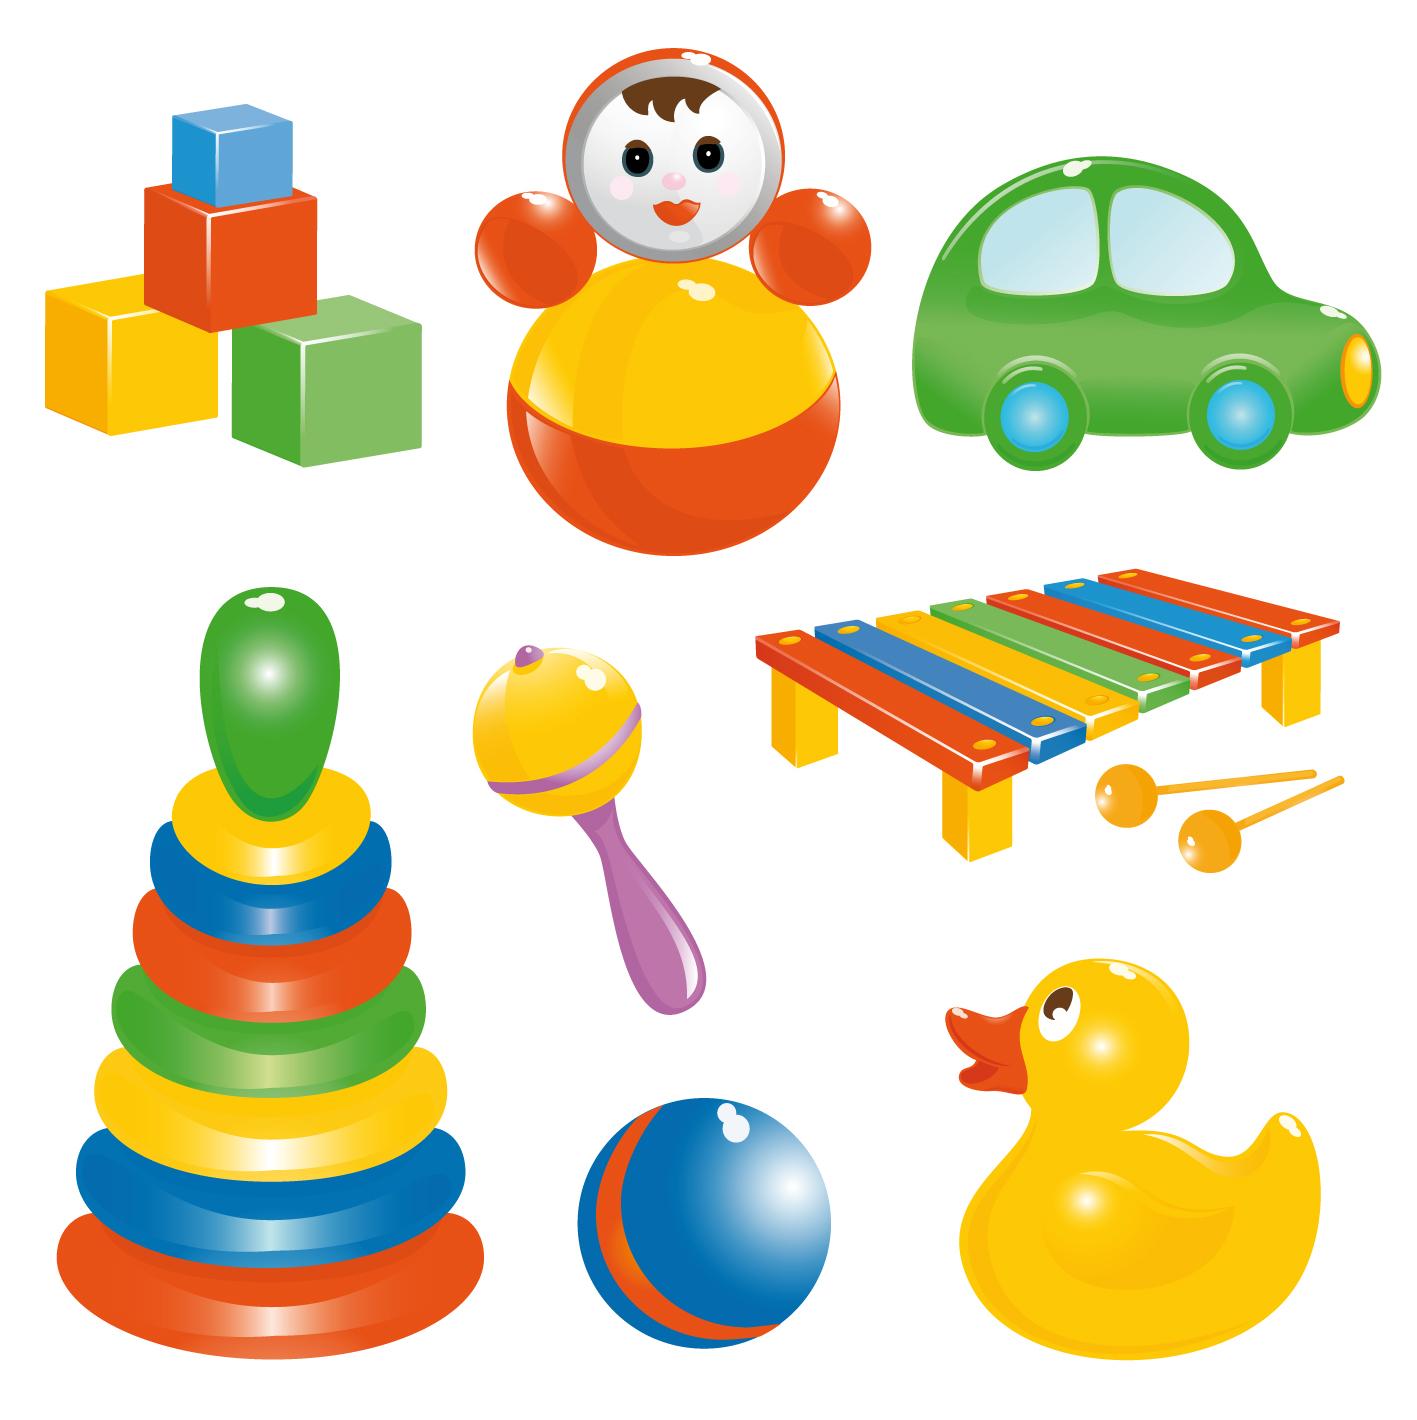 Juguetes para bebes imagenes y dibujos imprimir